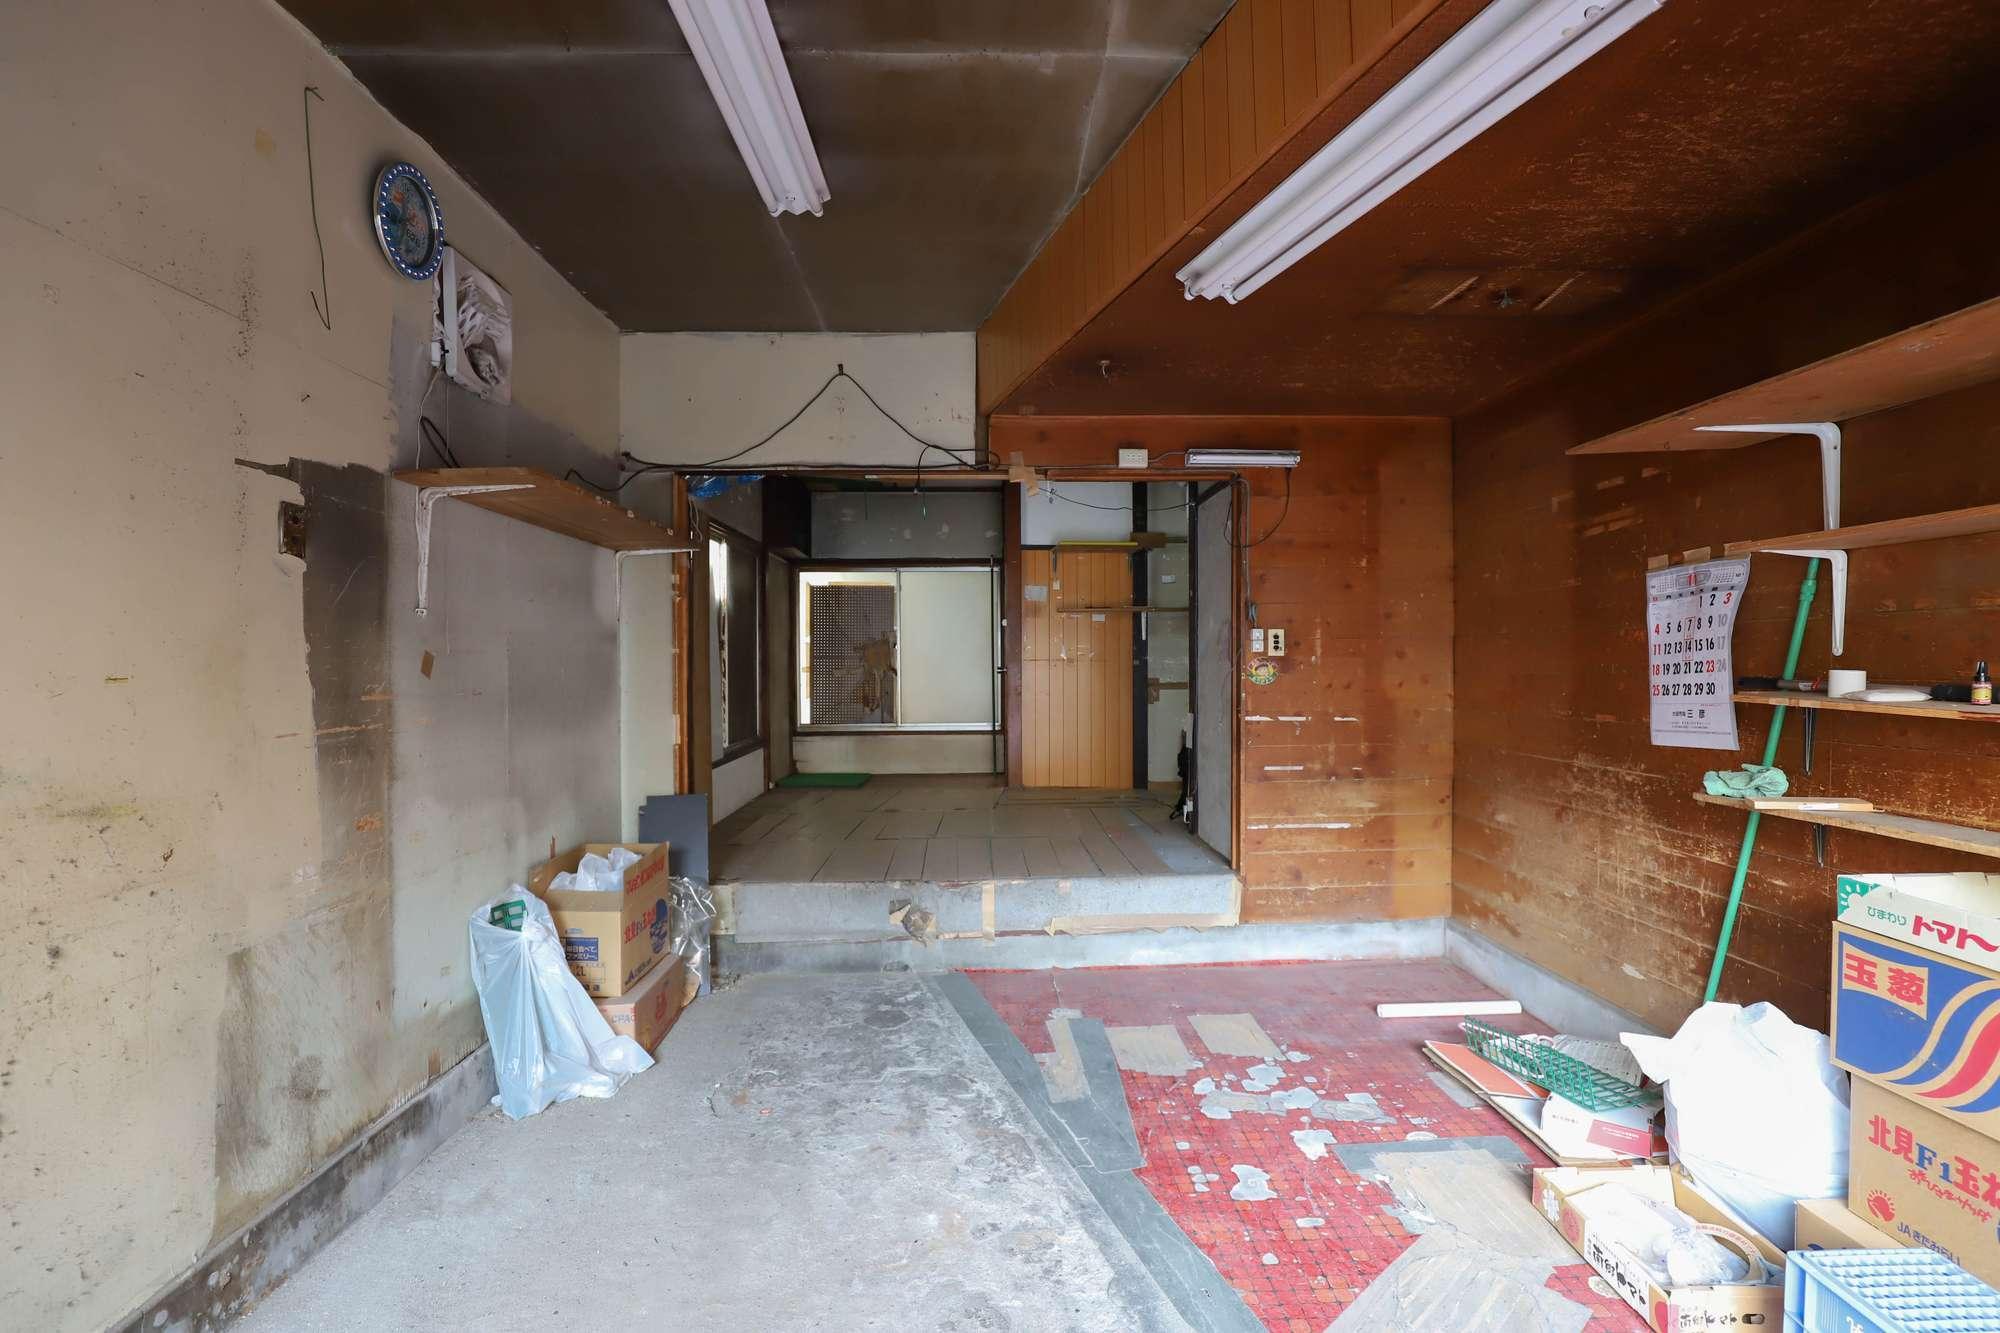 パンチの入り口から奥方向。右側の壁を取れば八百屋とつながる